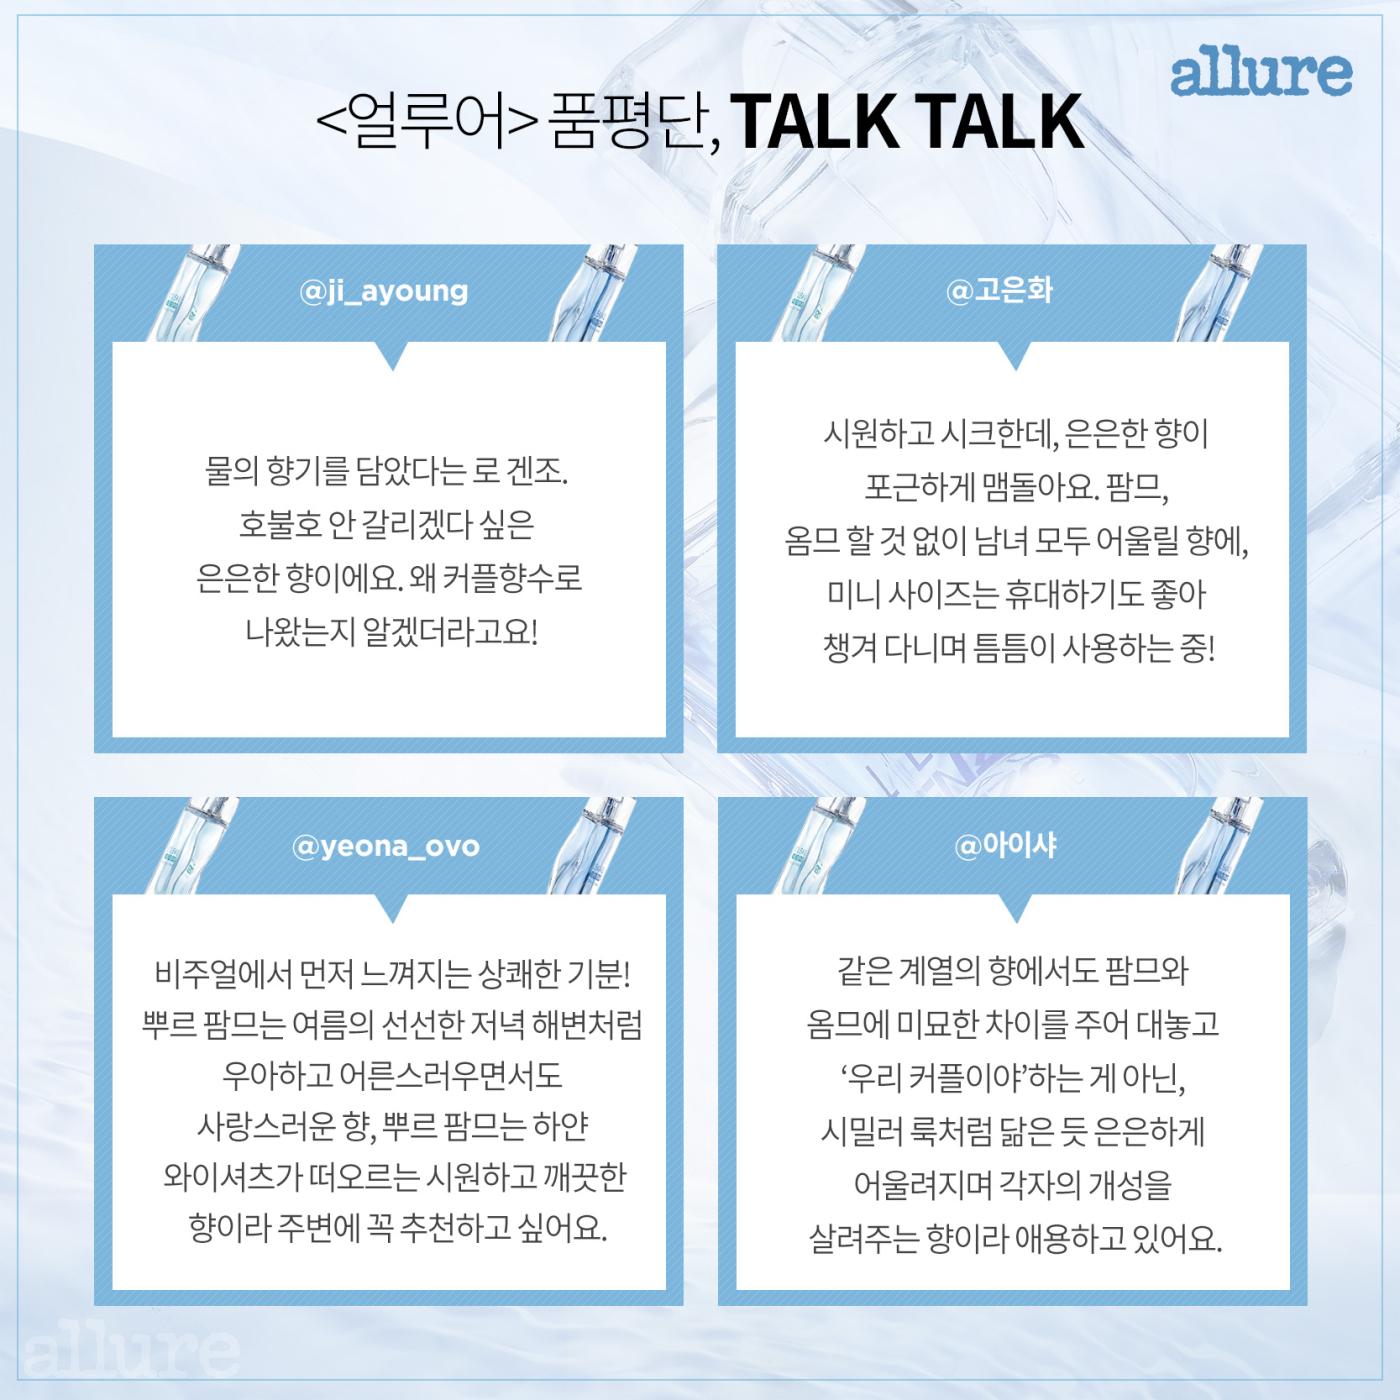 겐조_카드뉴스_4